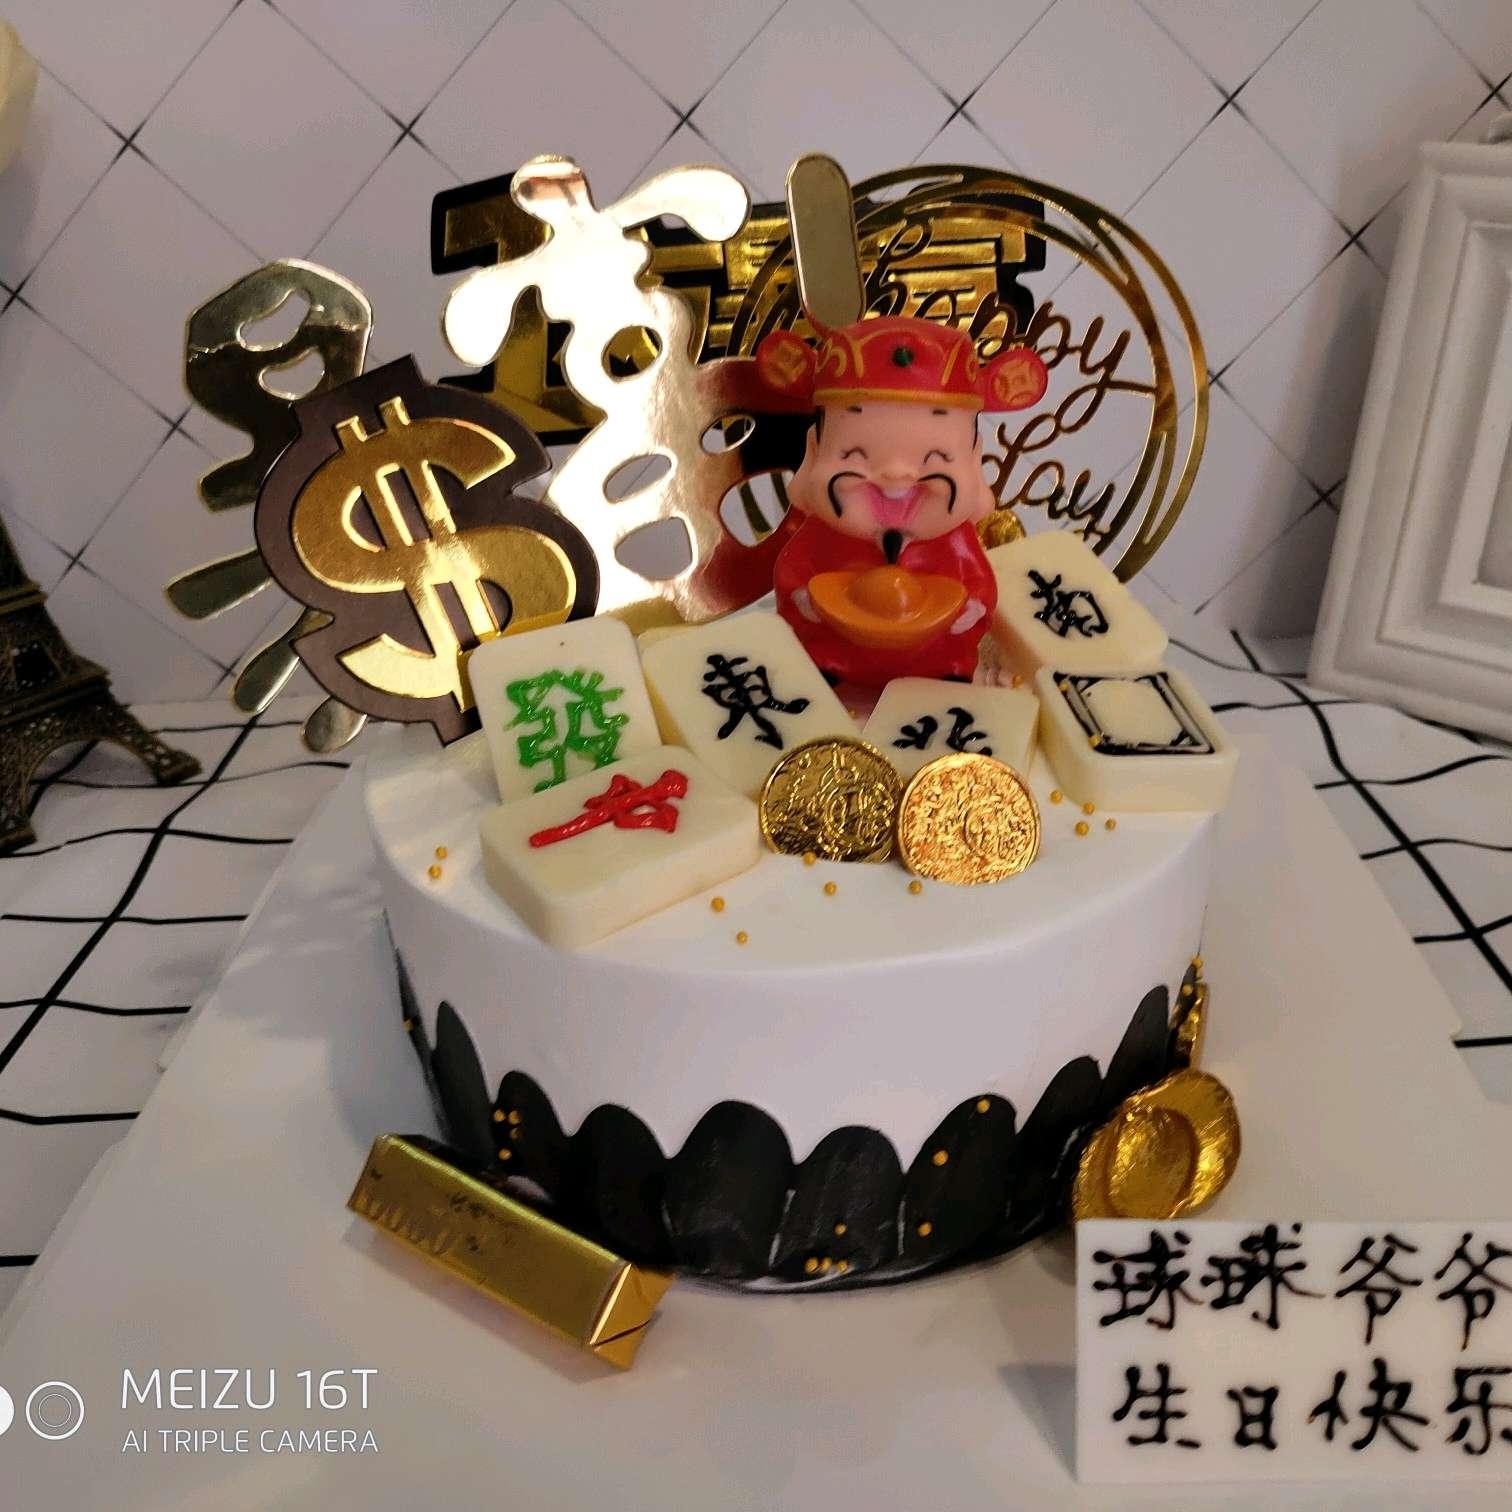 广州天河区亚贝思精品蛋糕店